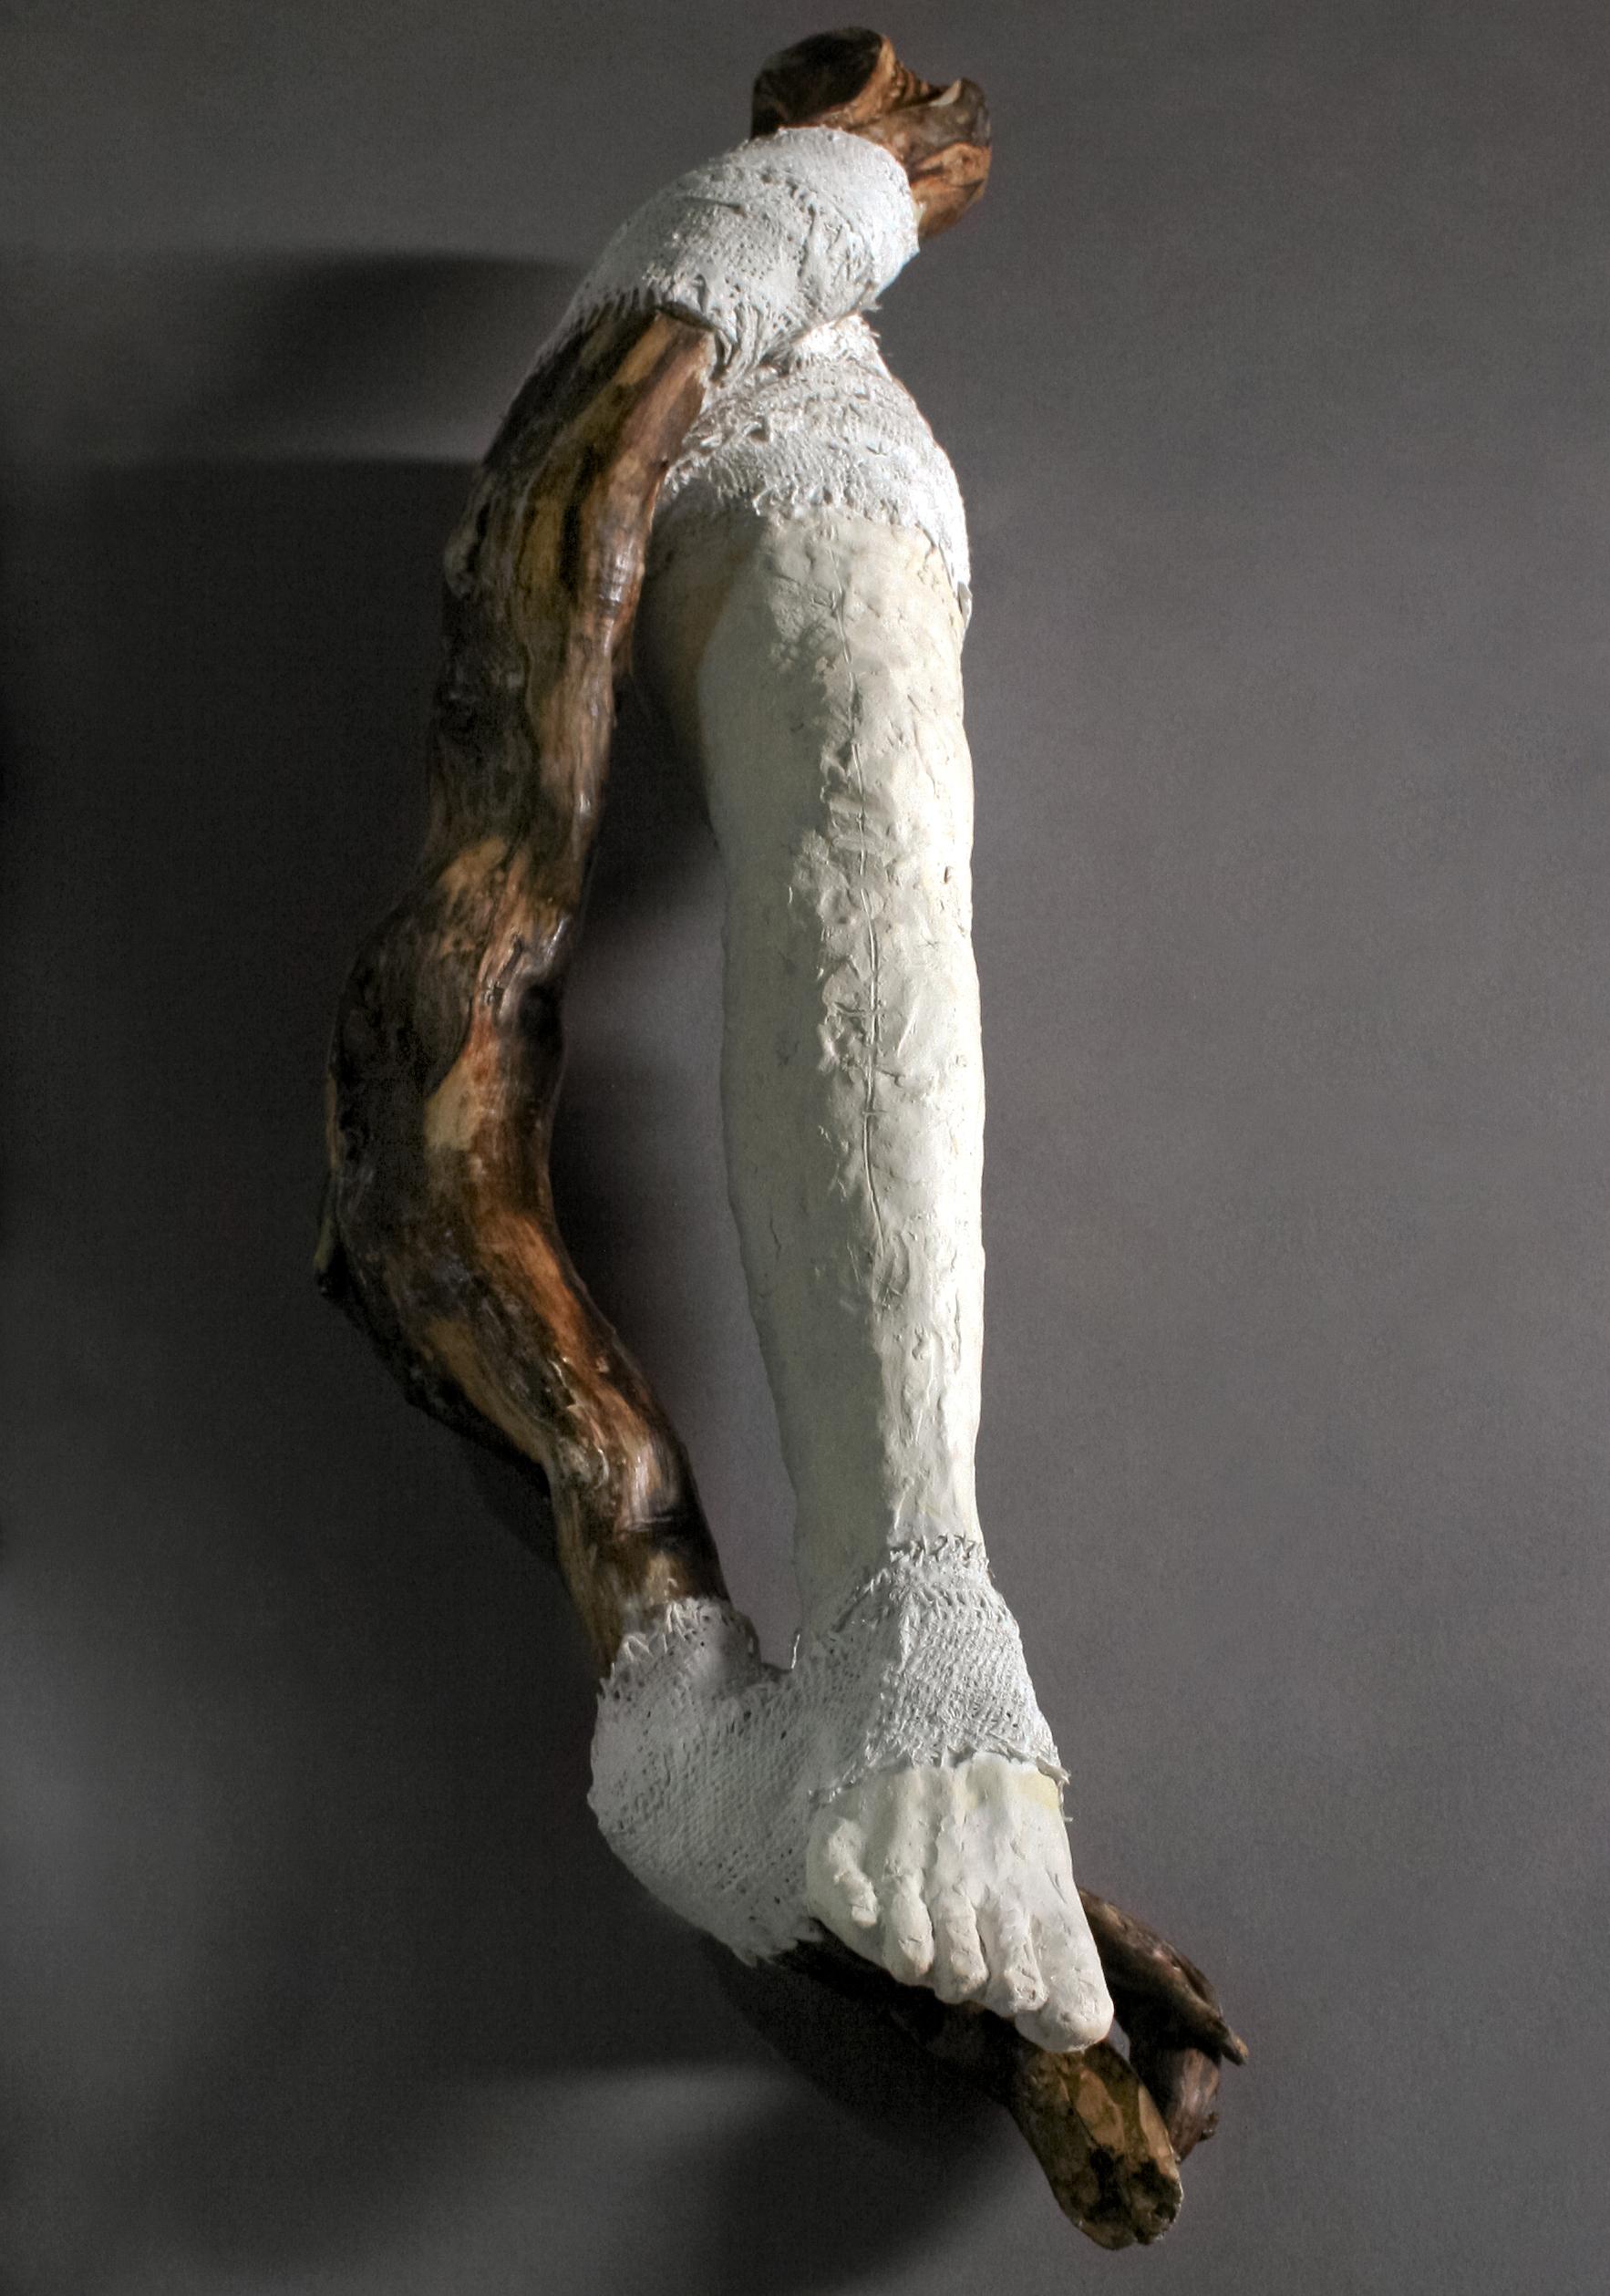 Autotomized Limb (leg)